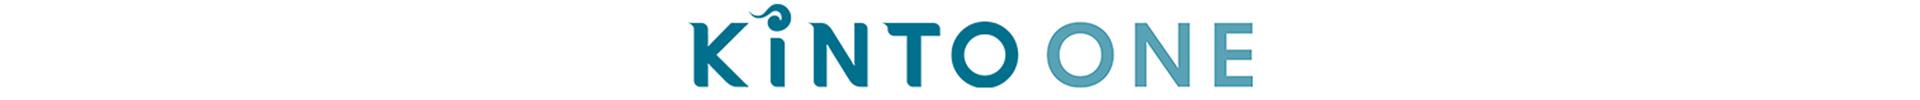 Kinto Logo Image